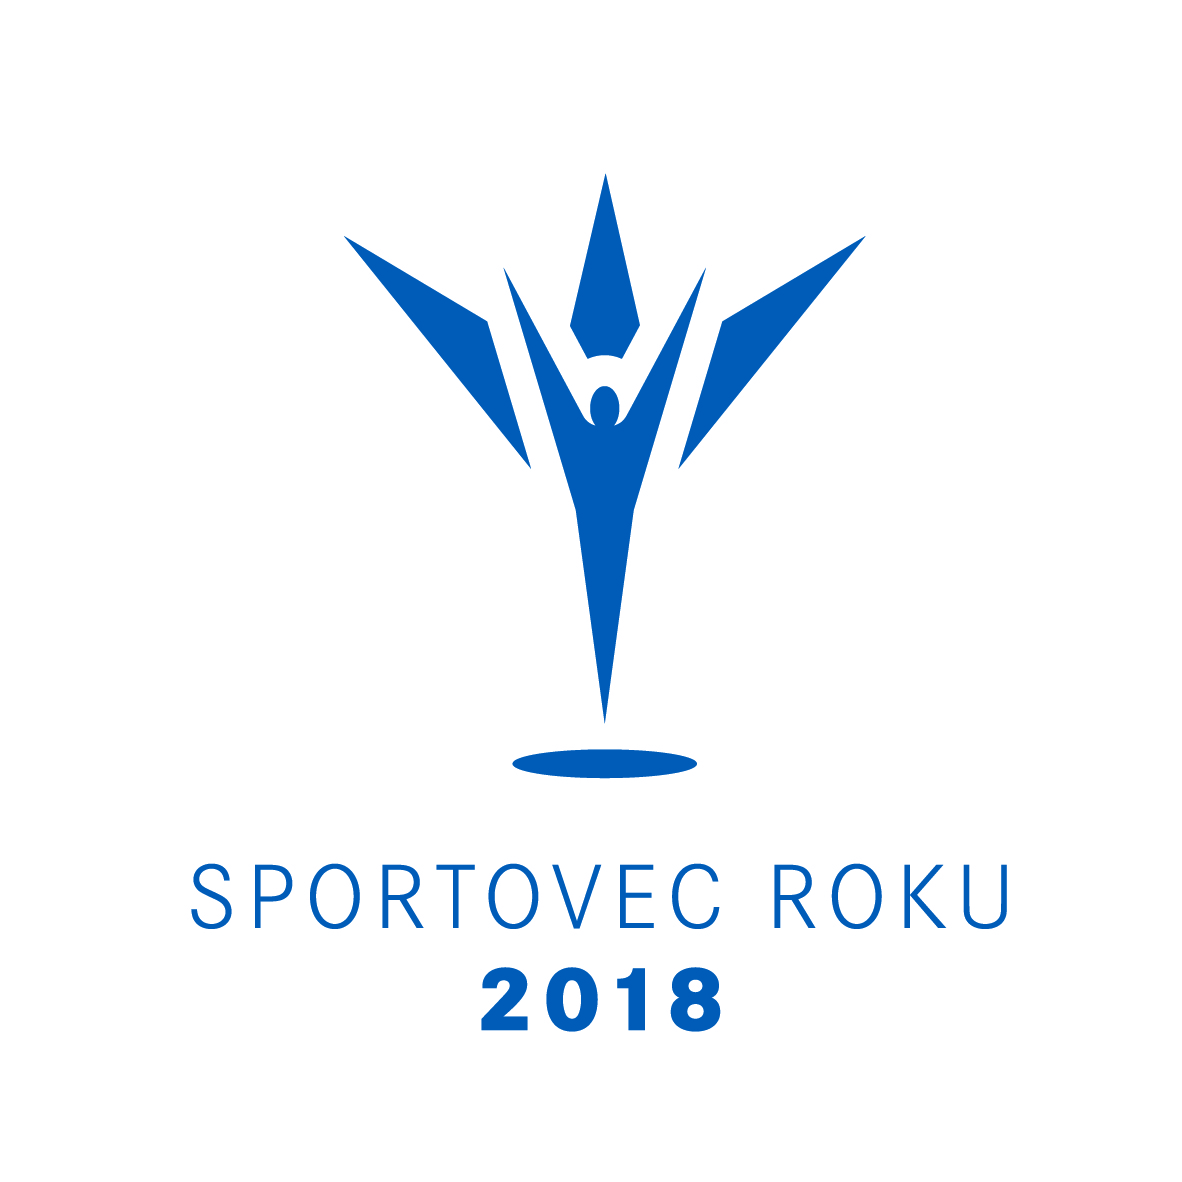 sportovec_2017